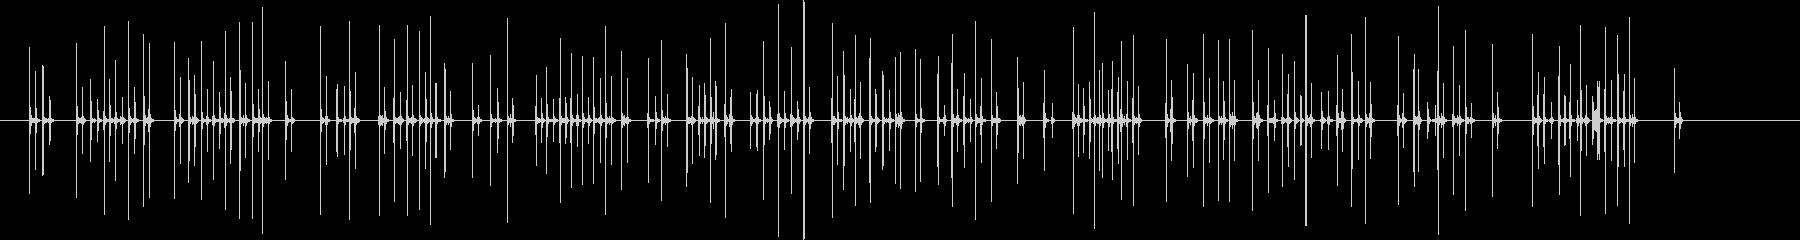 パソコンのキーボードを打つ音 25秒の未再生の波形